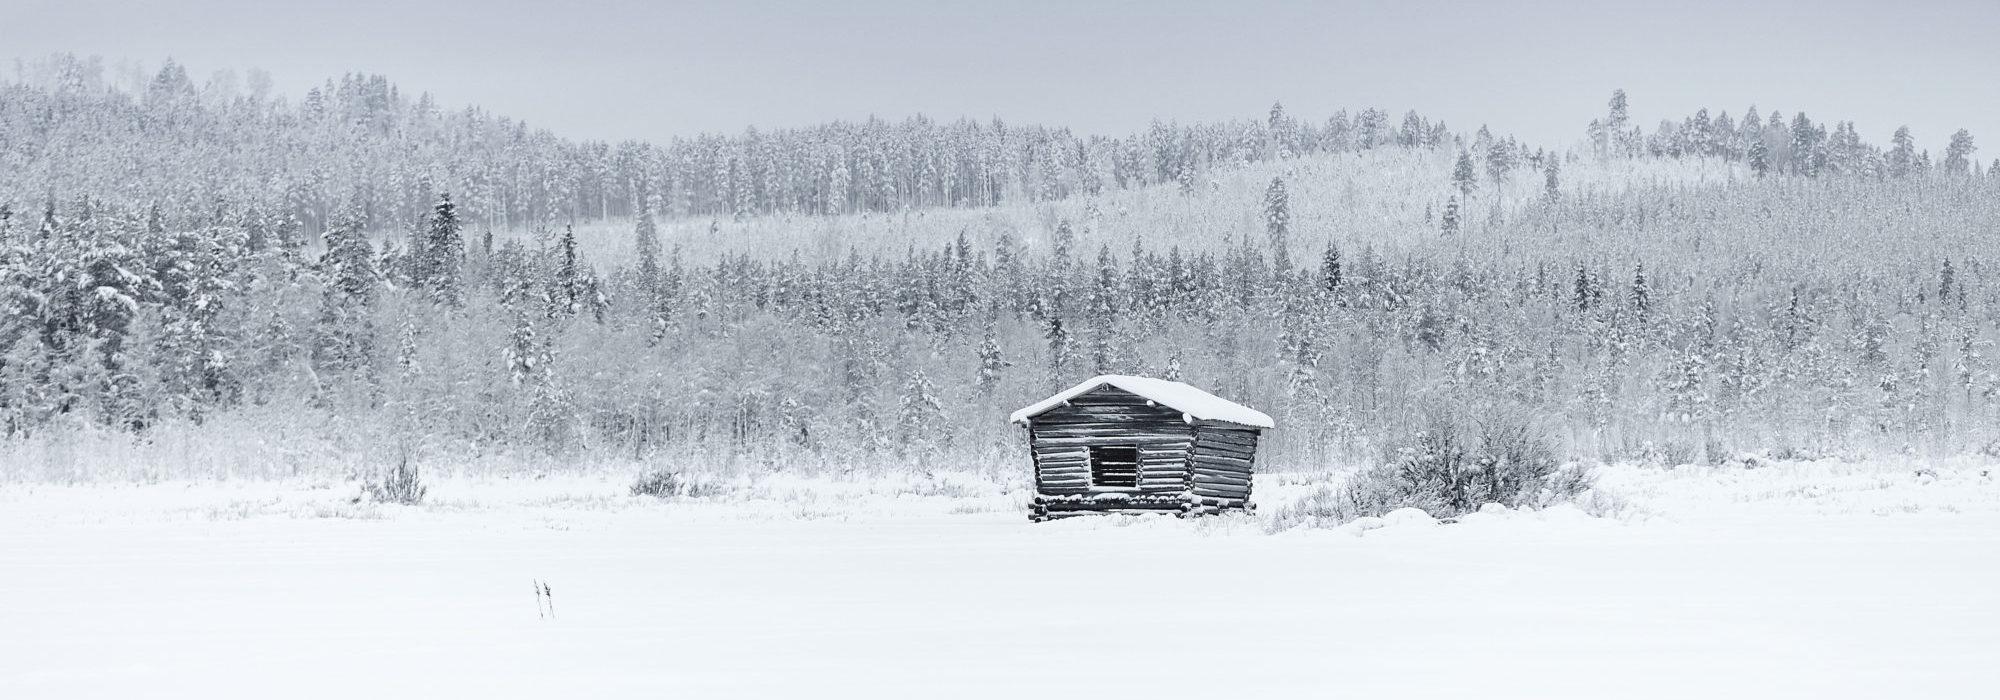 Votre voyage en Laponie suédoise